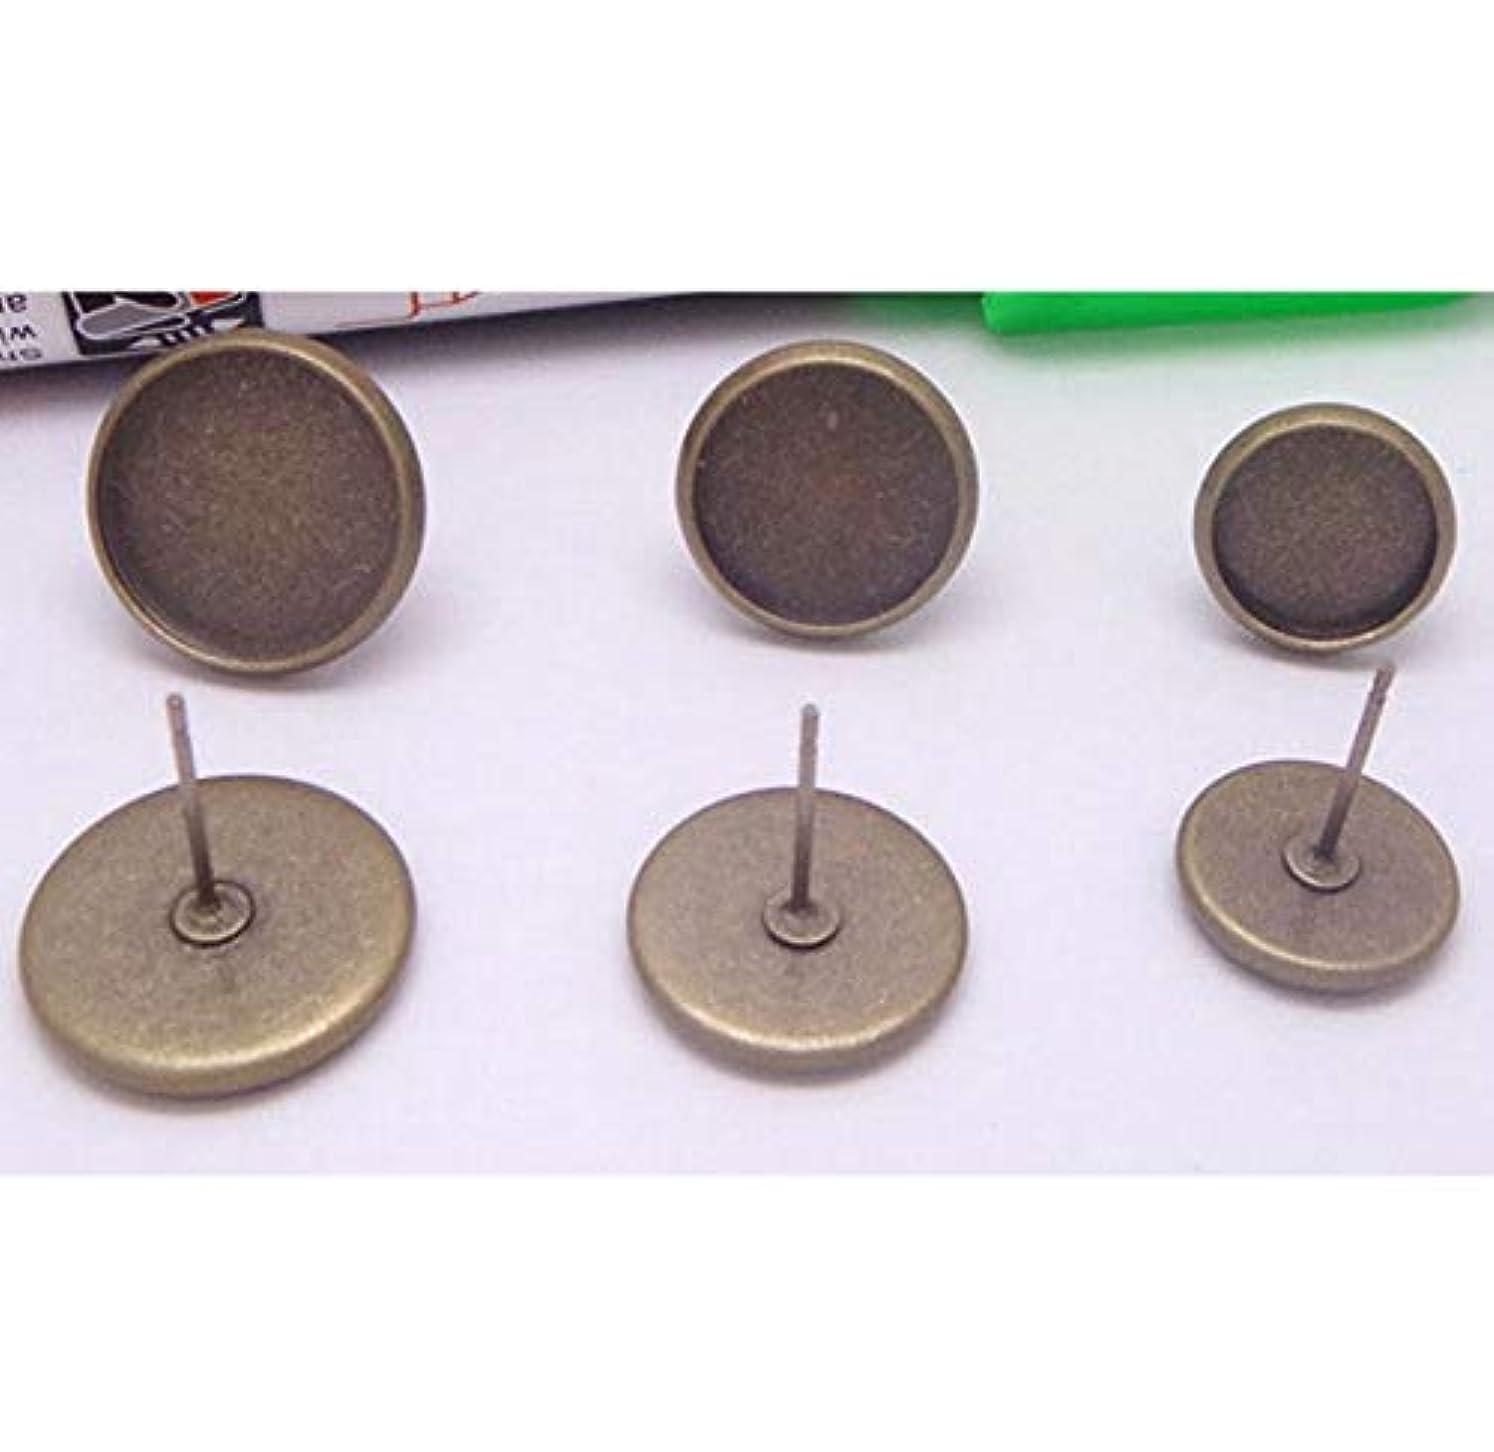 一般的に言えば名前羊FidgetGear 24個8-14mmガラスカボションフレンチレバーバックイヤリングブランクイヤリングベゼルベース ブロンズ